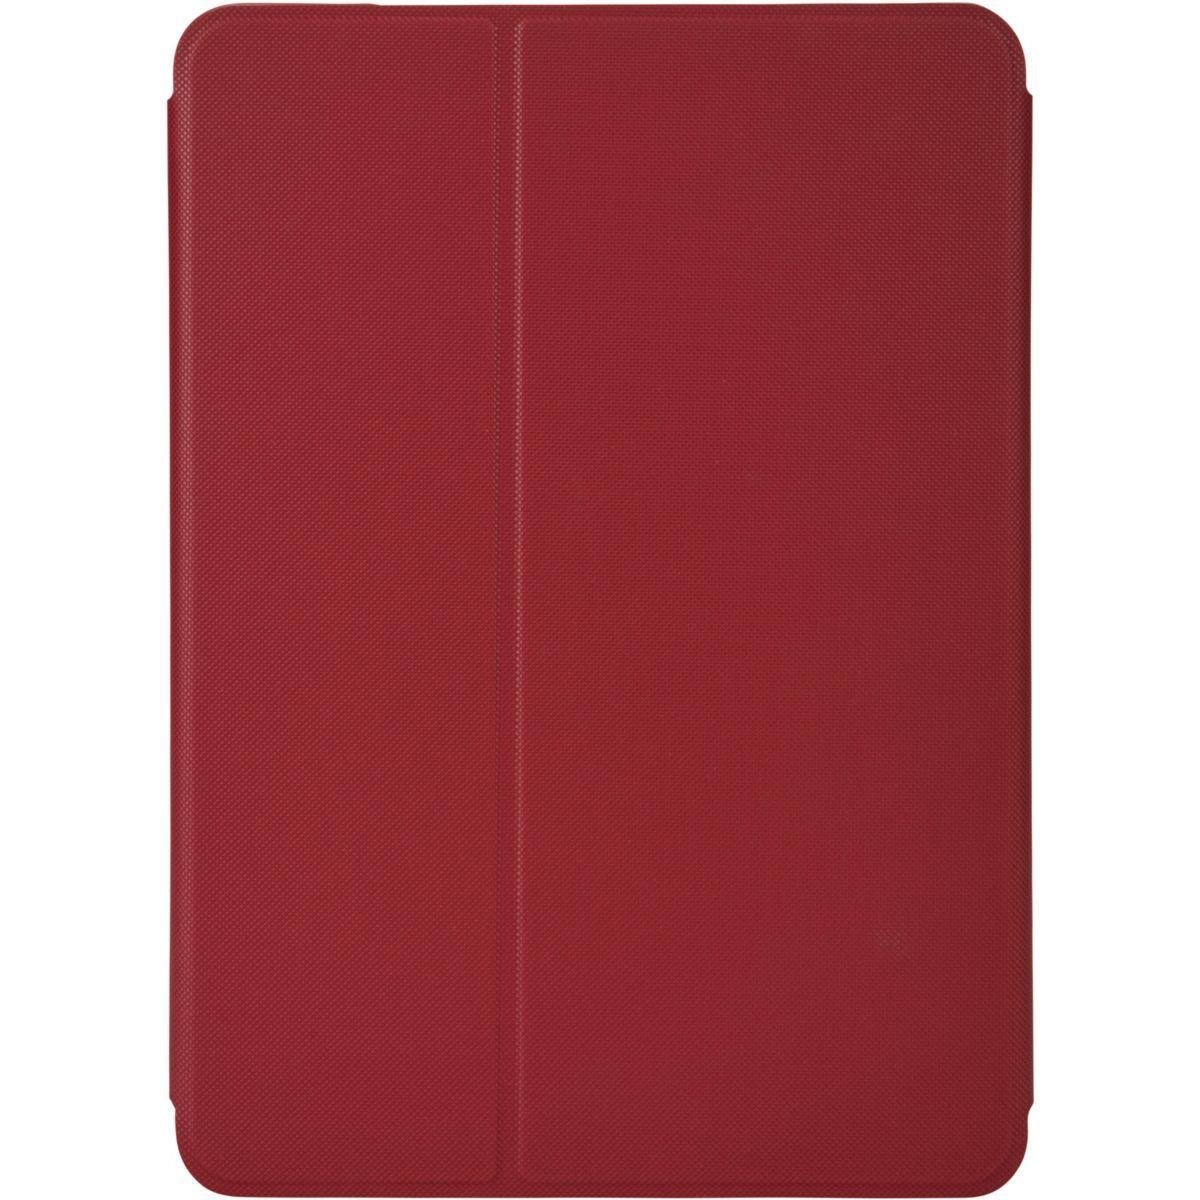 Etui tablette caselogic ipad 9,7 rouge/ air 2/ pro 9.7 - livraison offerte : code liv (photo)